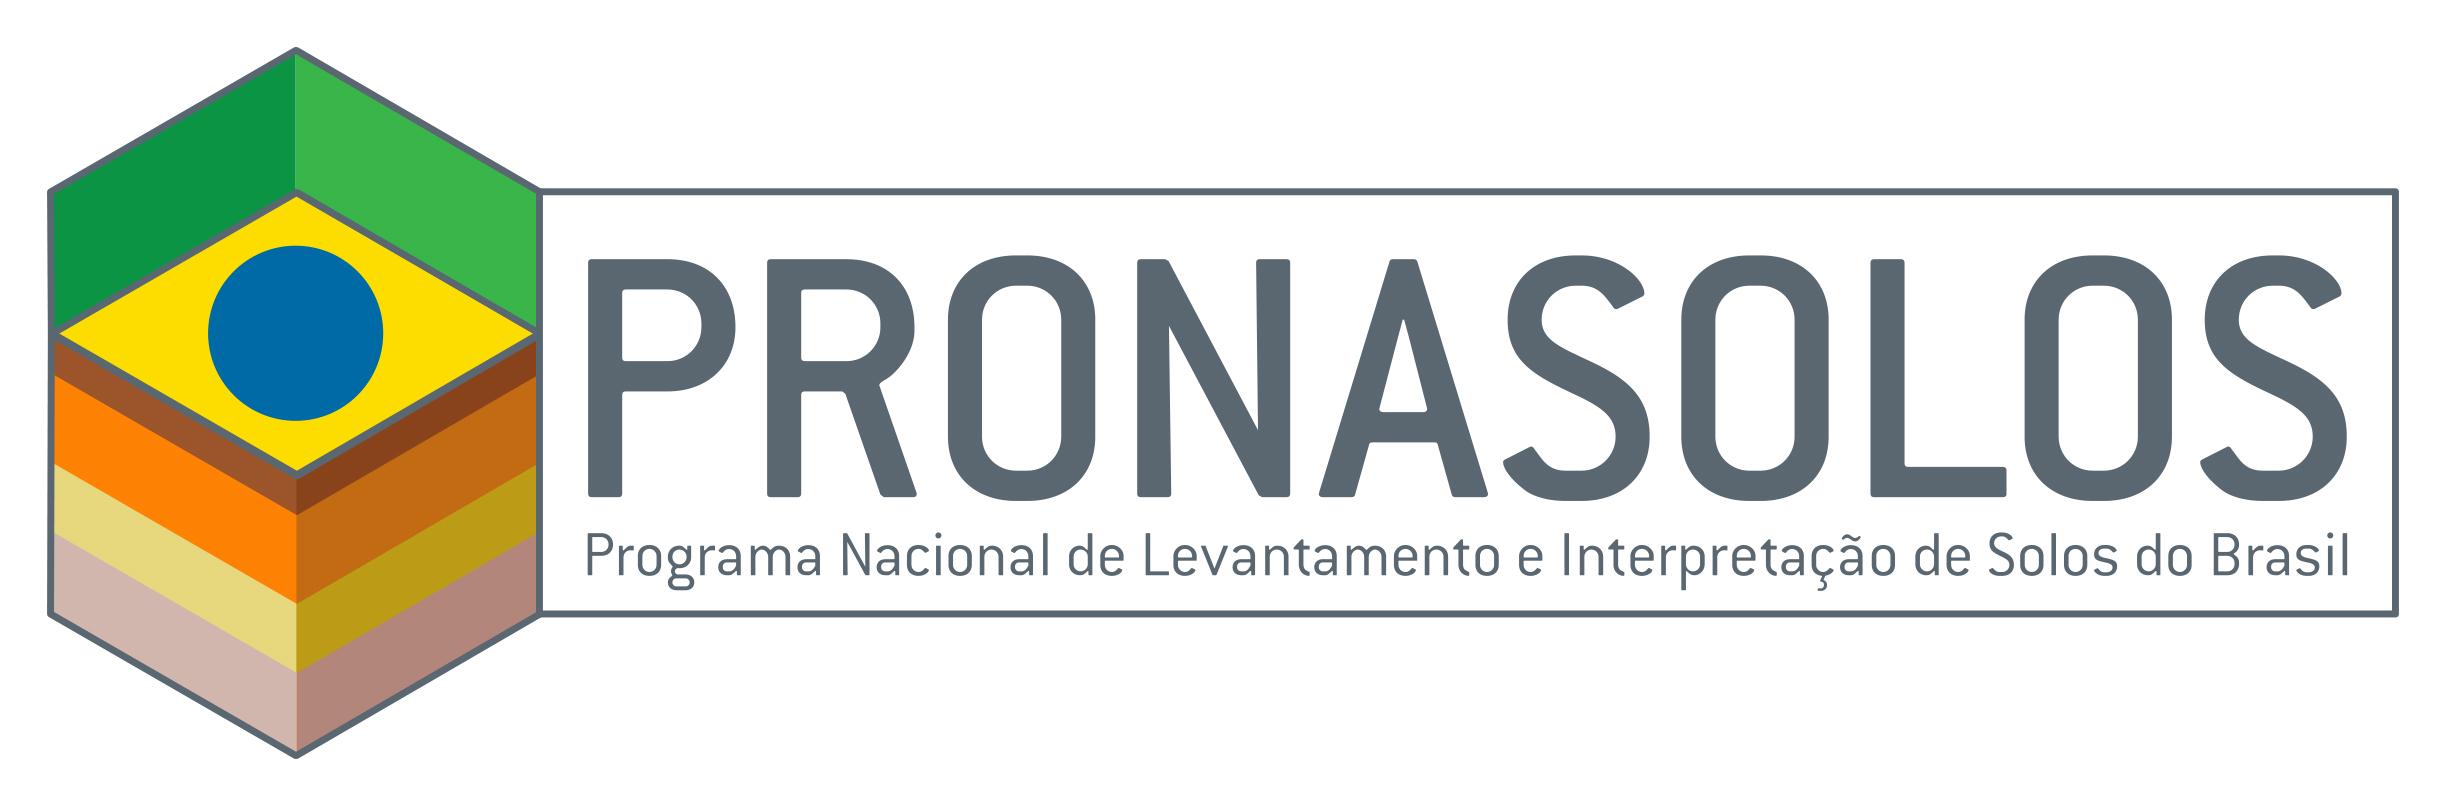 marca_PRONASOLOS (1)